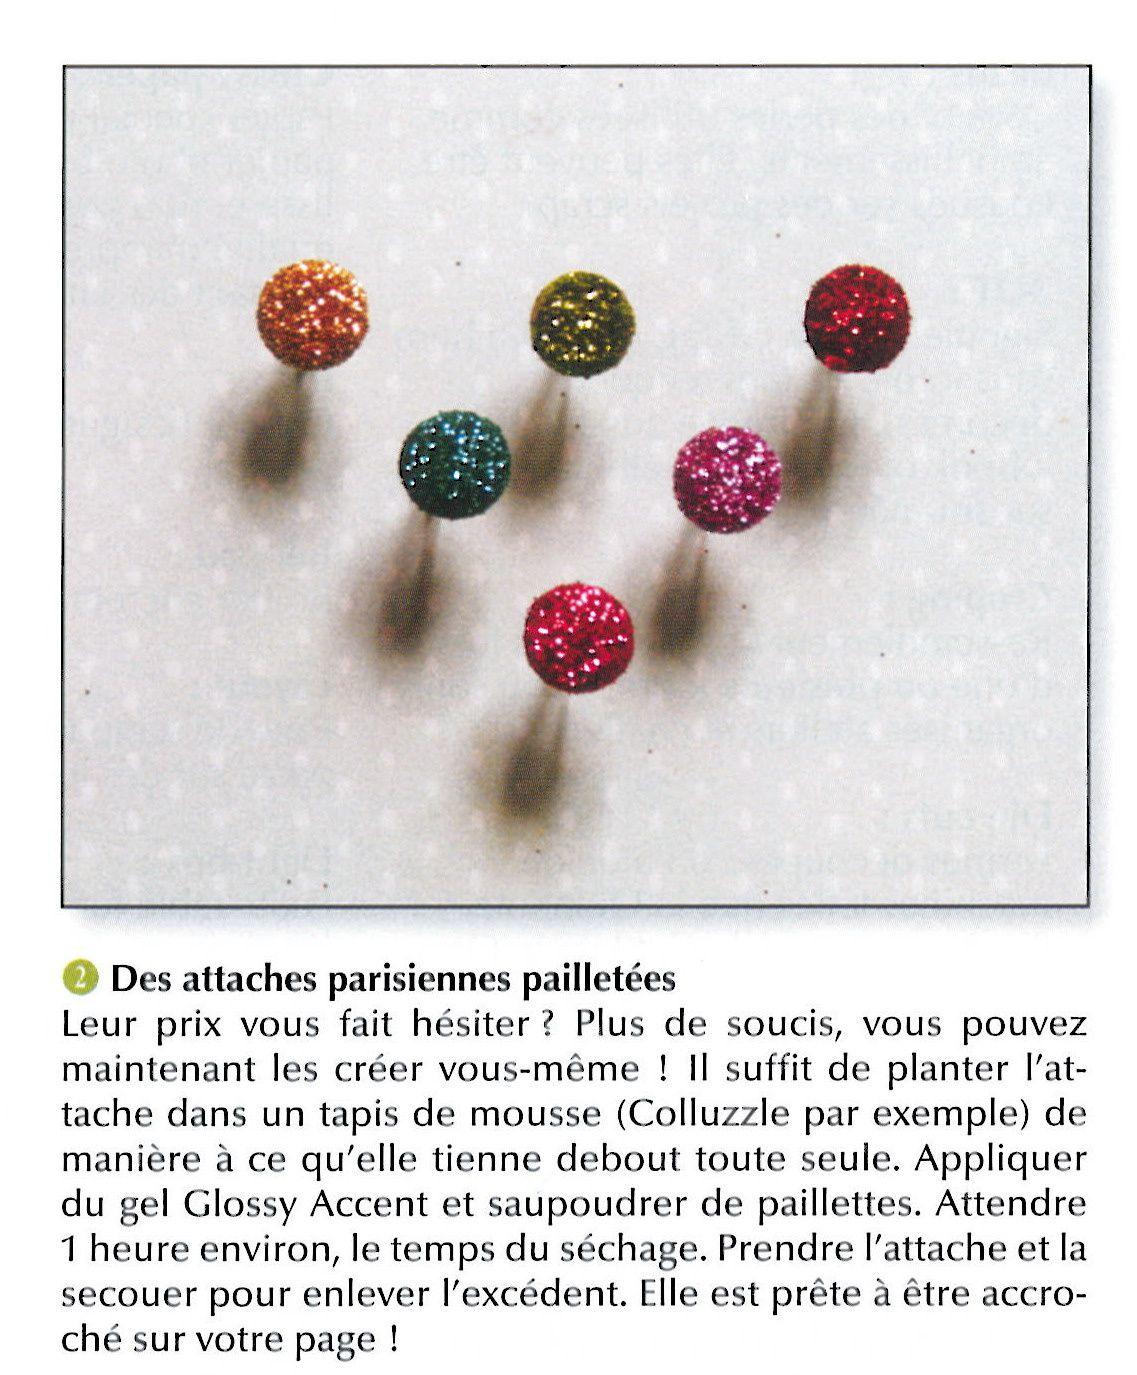 Astuce attaches parisiennes à paillettes